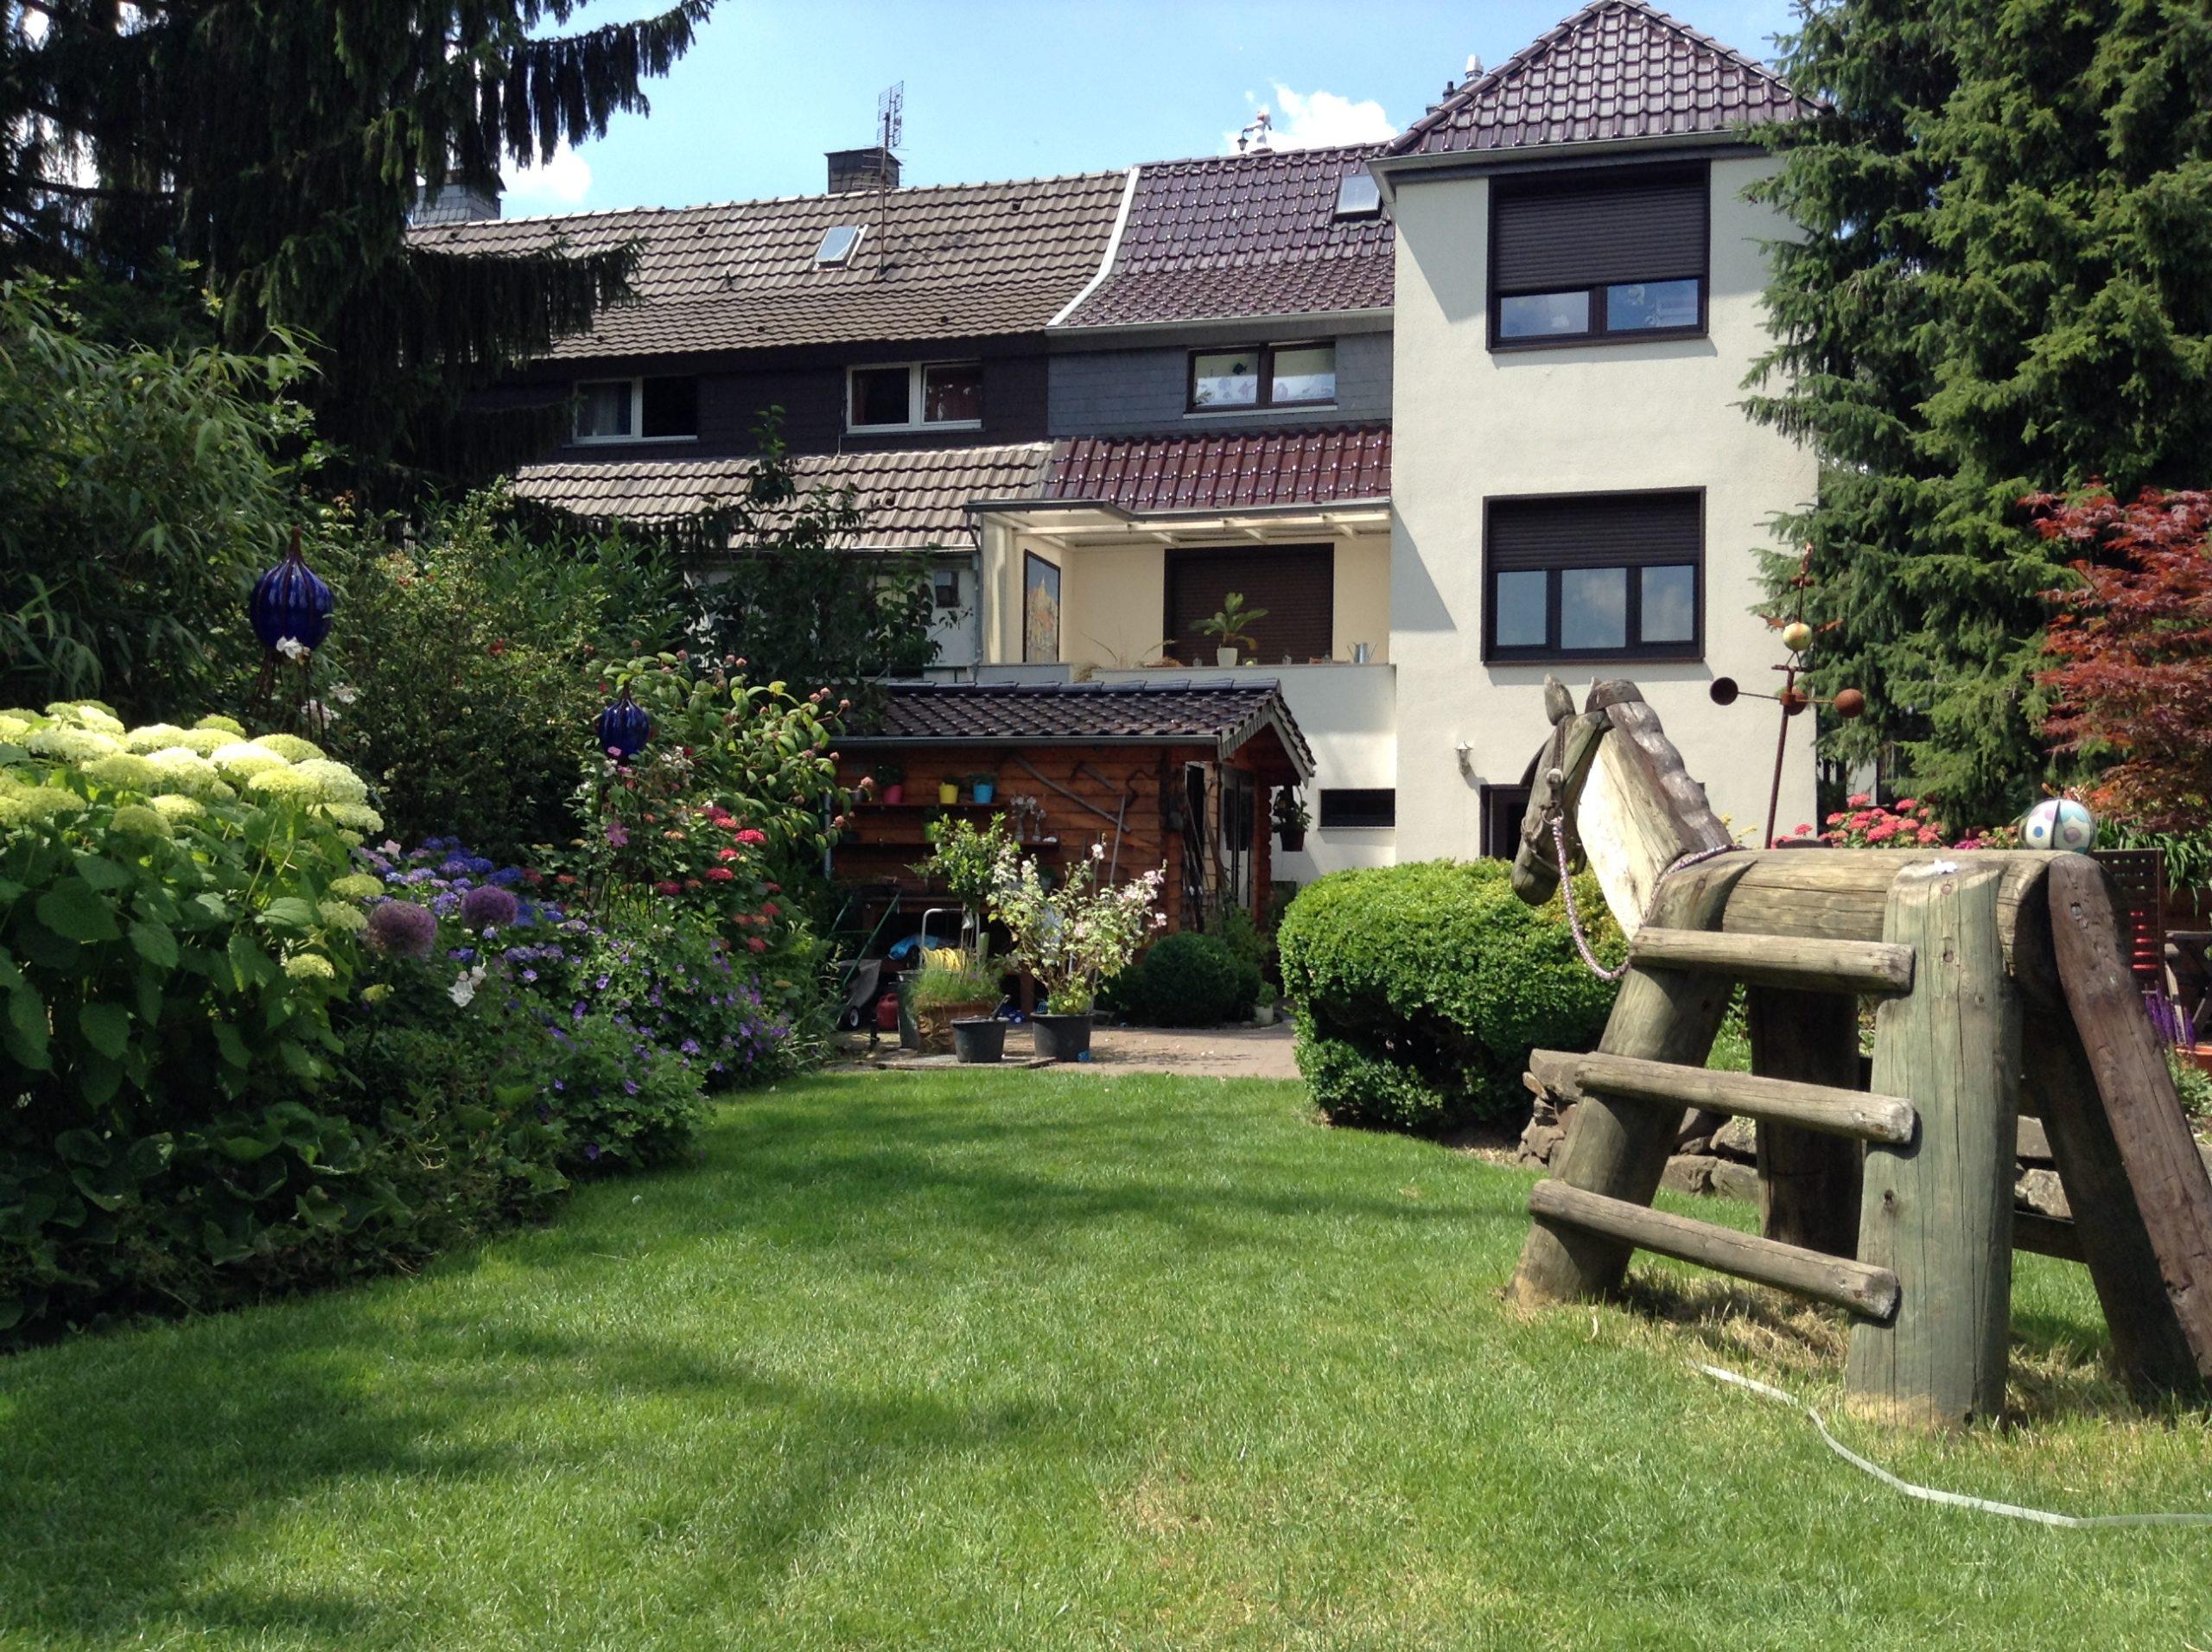 Garten Thomas (8)